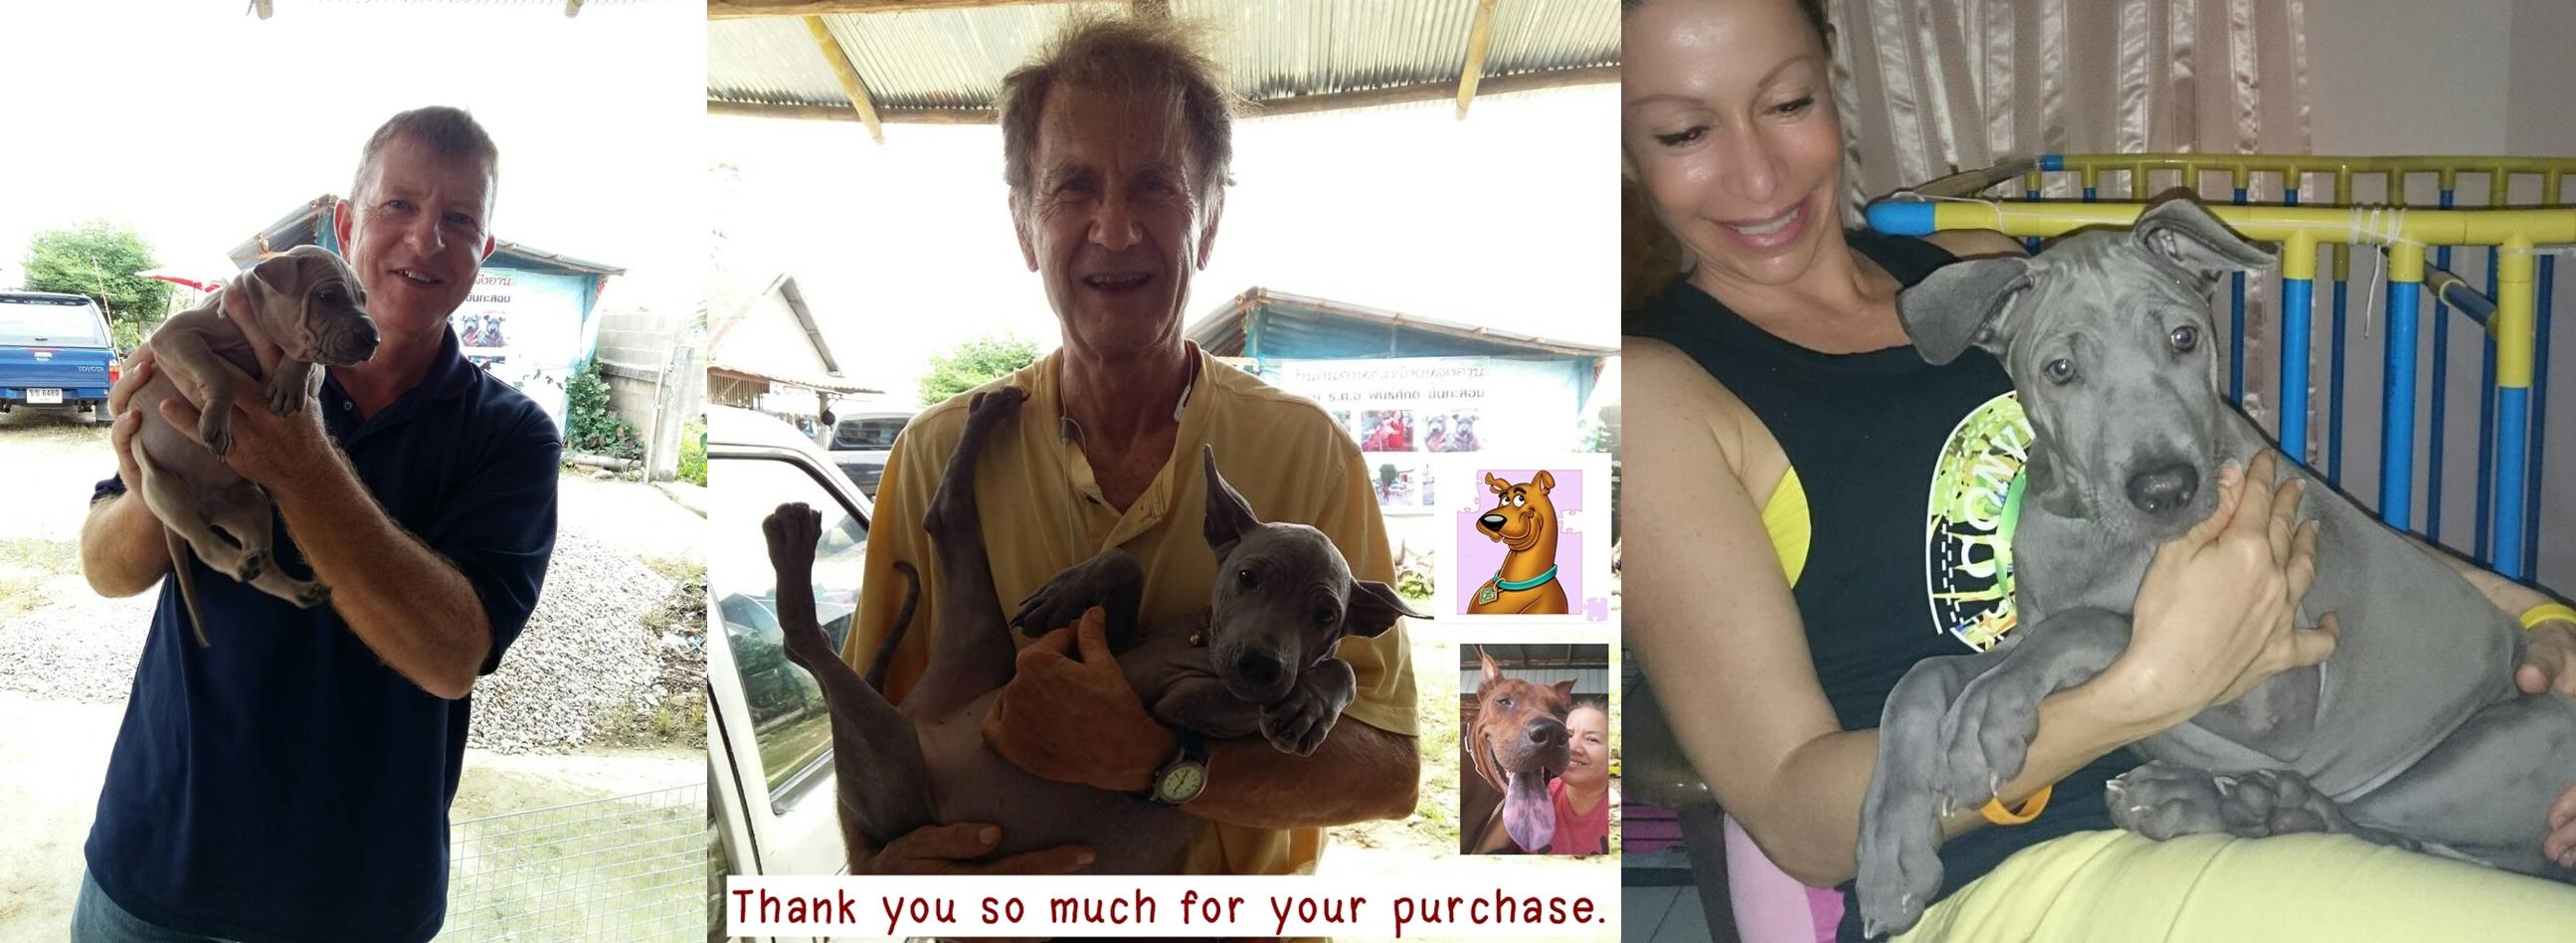 แม่สายเชียงรายไทยหลังอานซื้อขายฟาร์ม